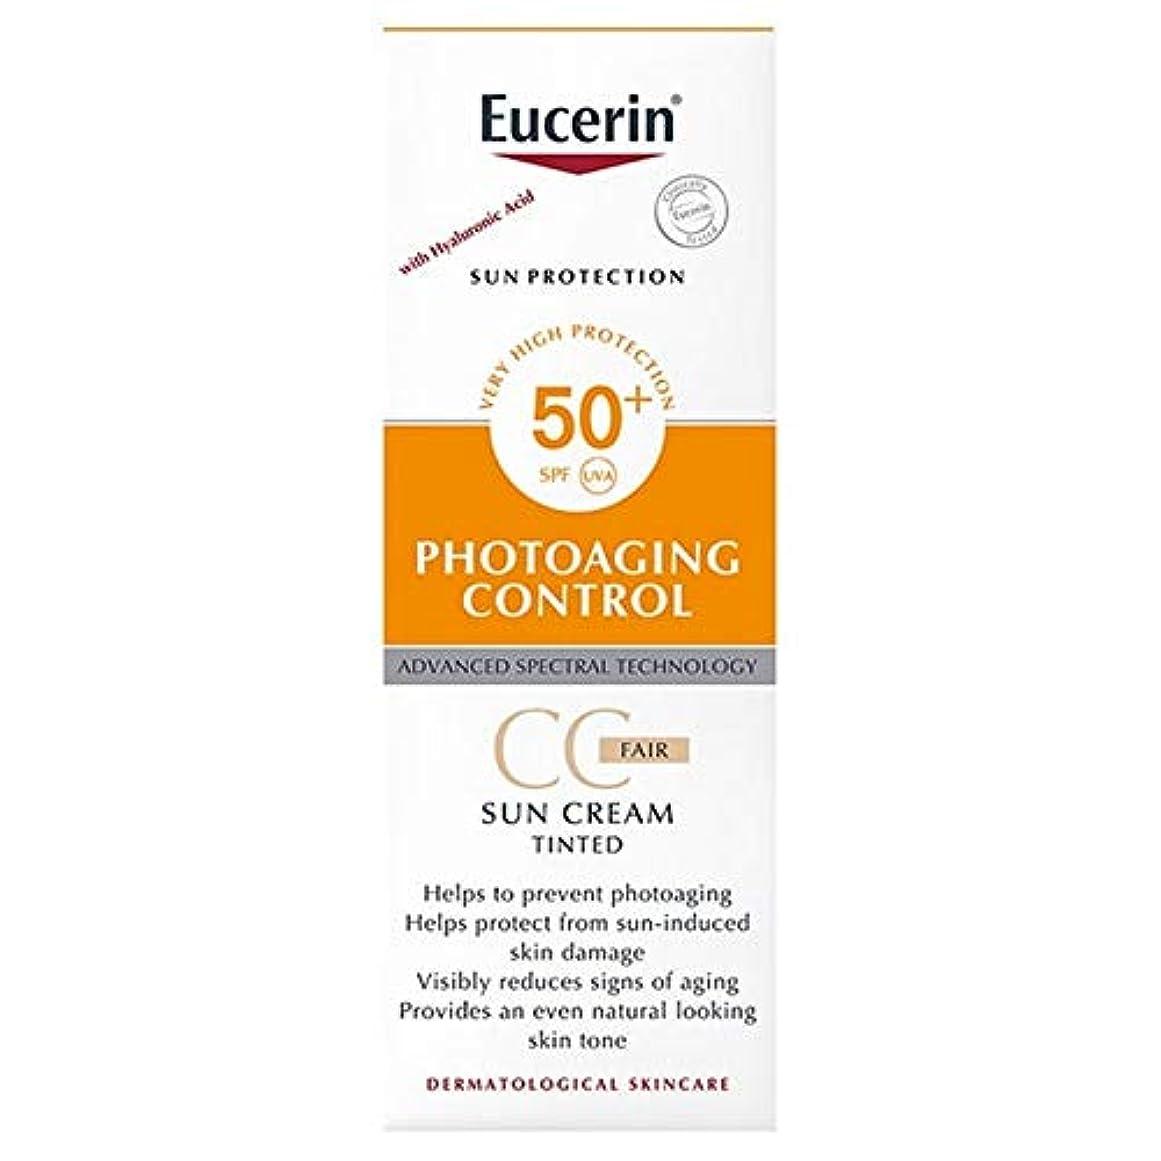 条約先例試み[Eucerin ] ユーセリンの光老化制御着色公正日クリームSpf50の50ミリリットル - Eucerin Photoaging Control Tinted Fair Sun Cream SPF50 50ml [並行輸入品]